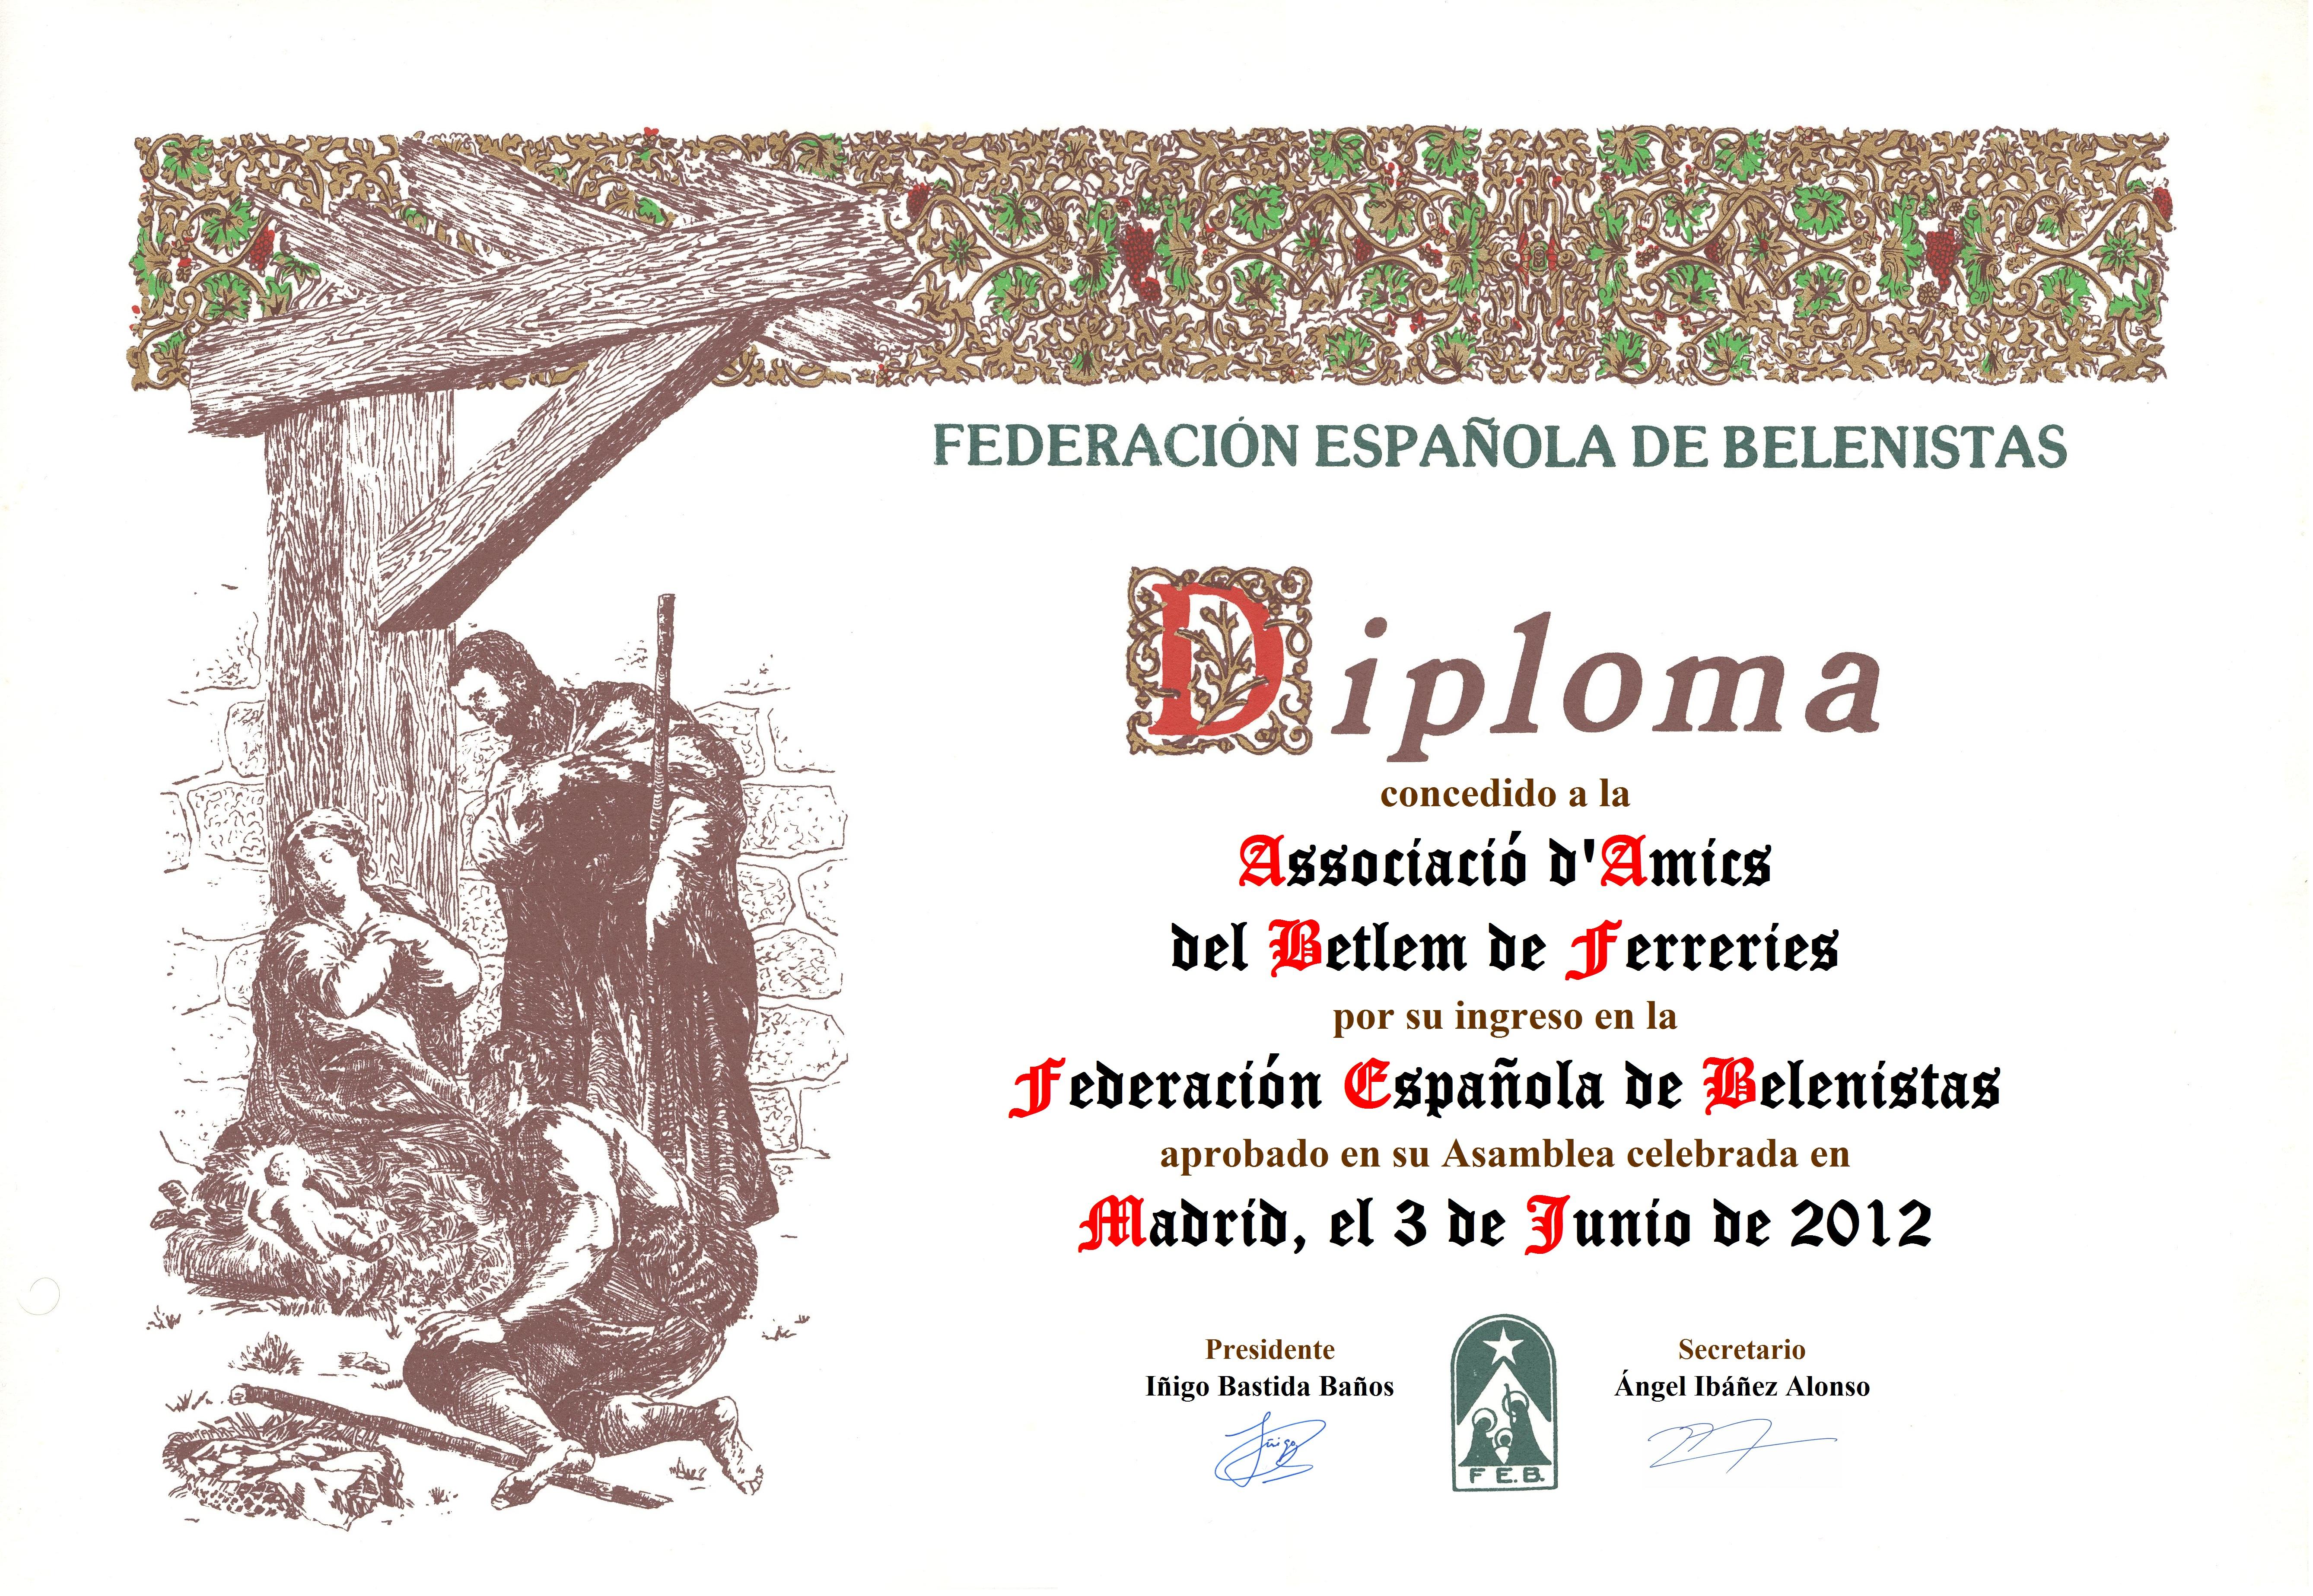 Diploma de entrada en la FEB de la Associació d'Amics del Betlem de Ferreries